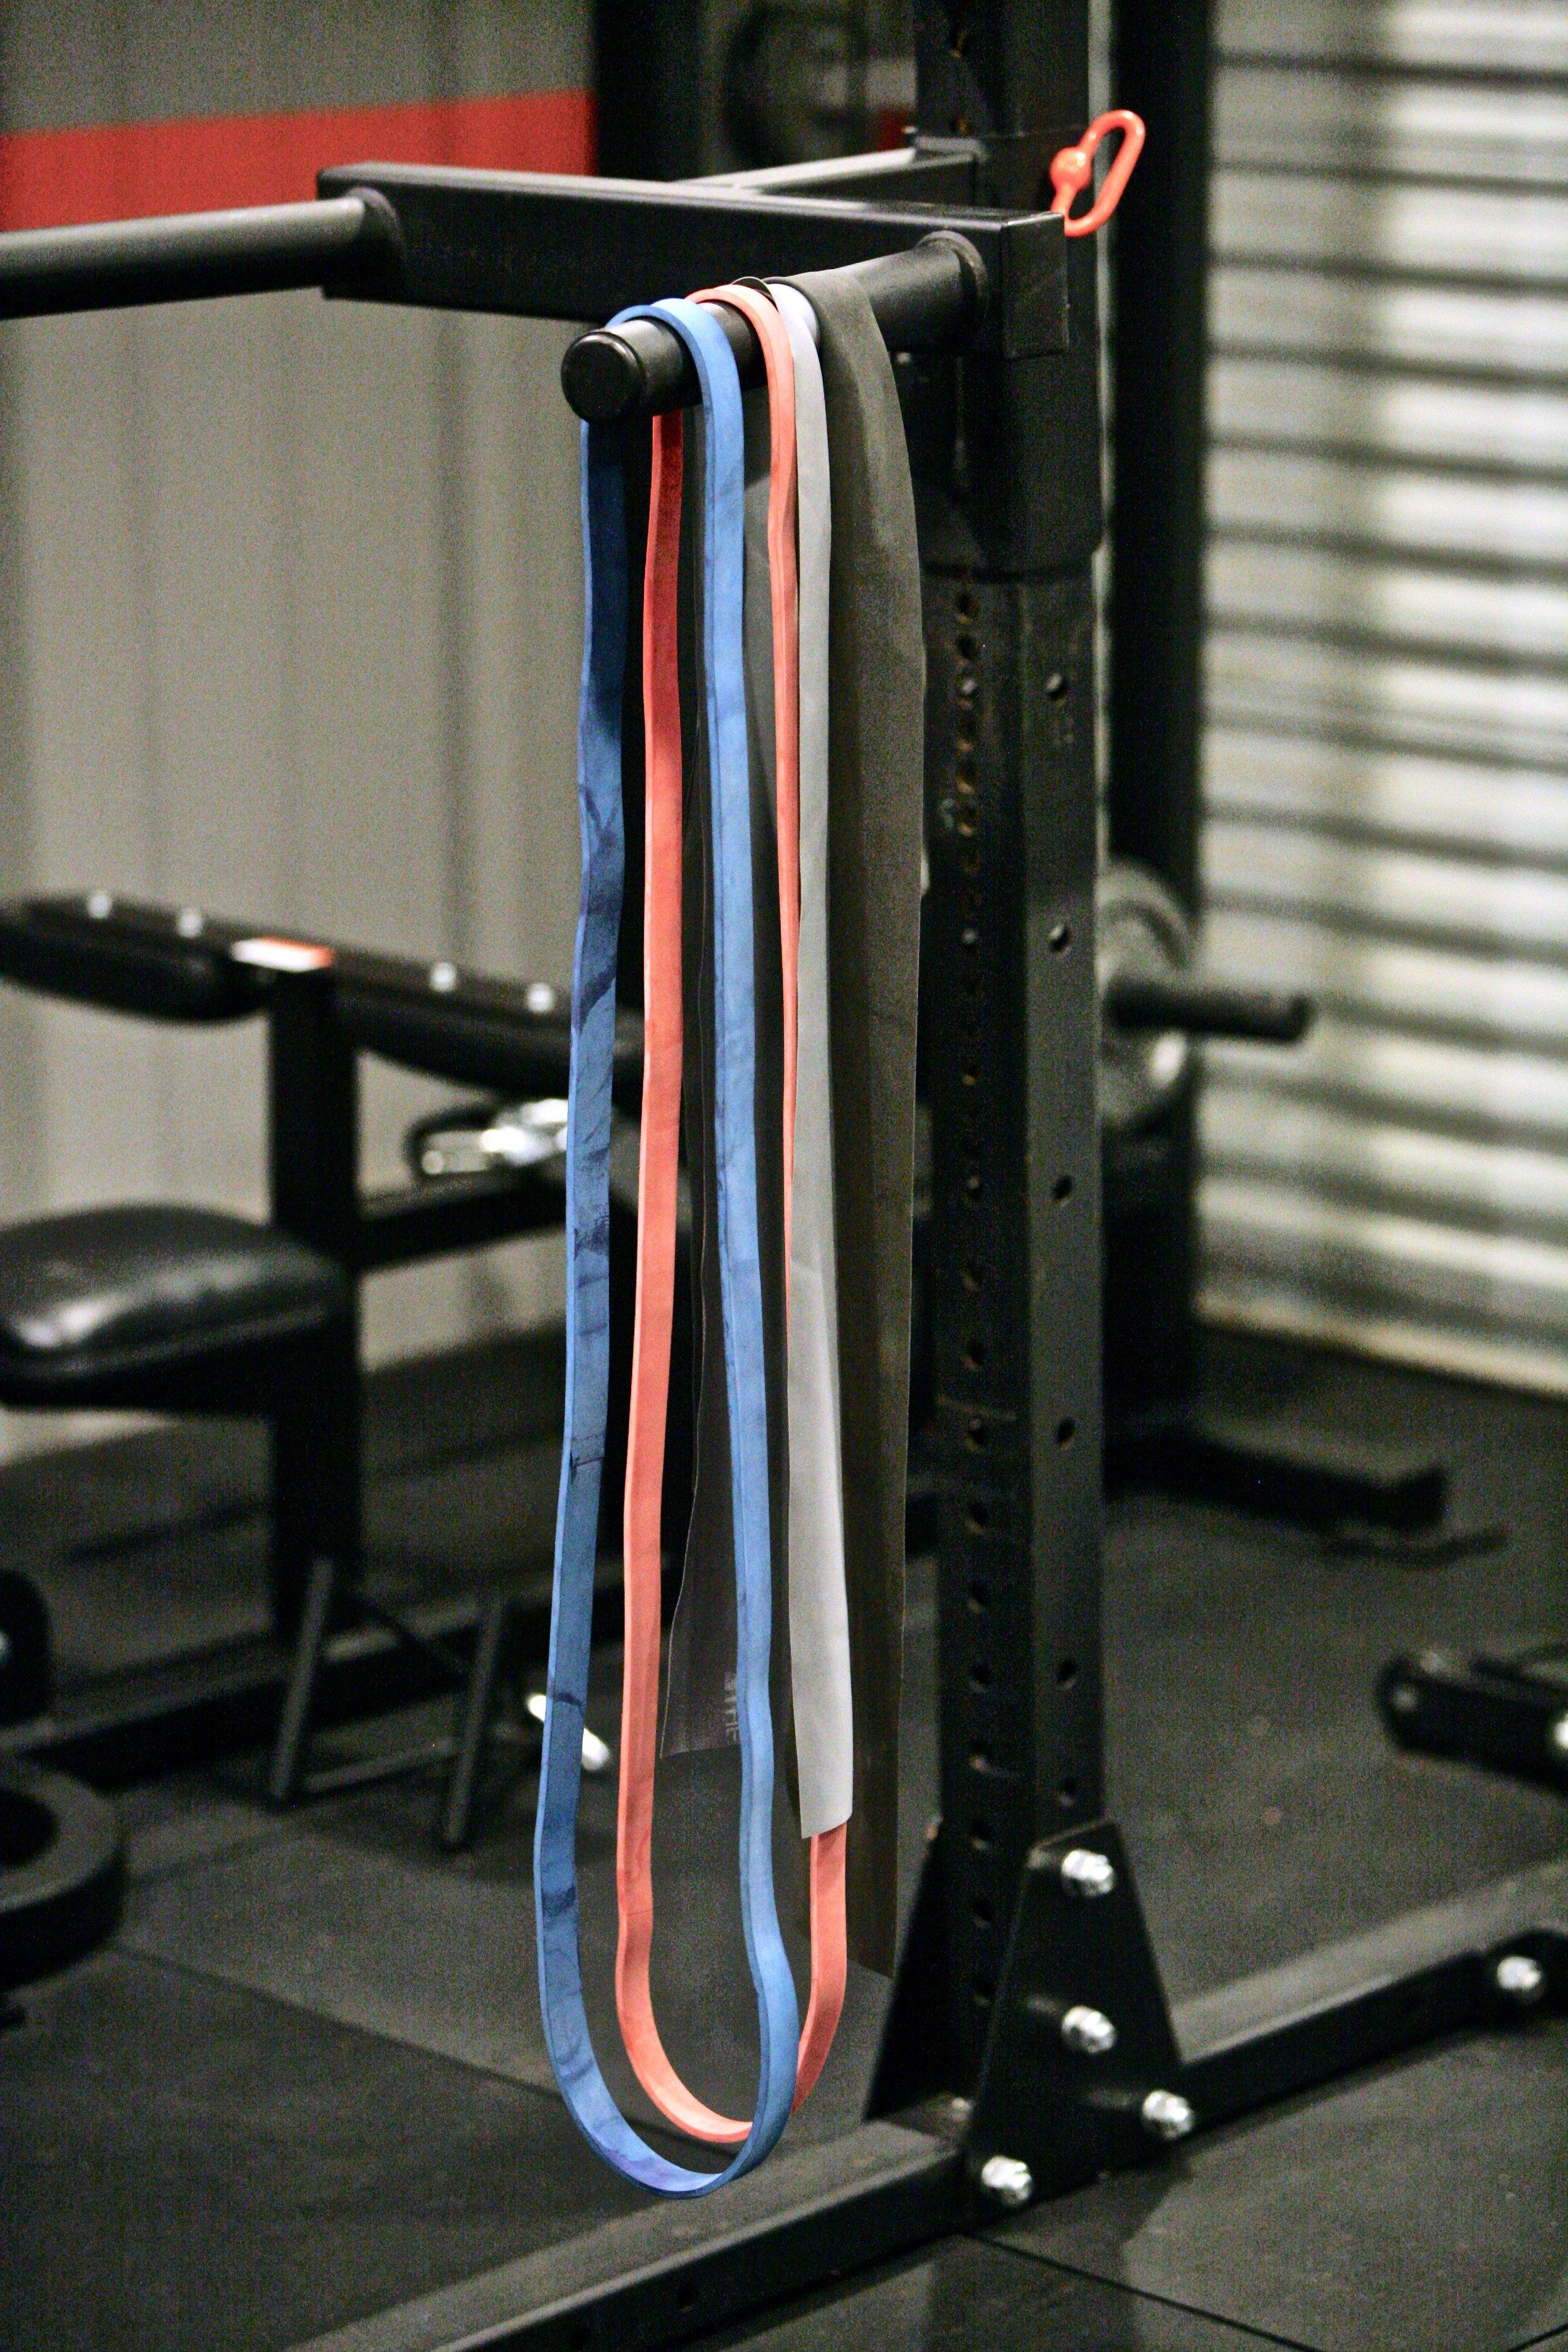 Home gym equipment again faster australia